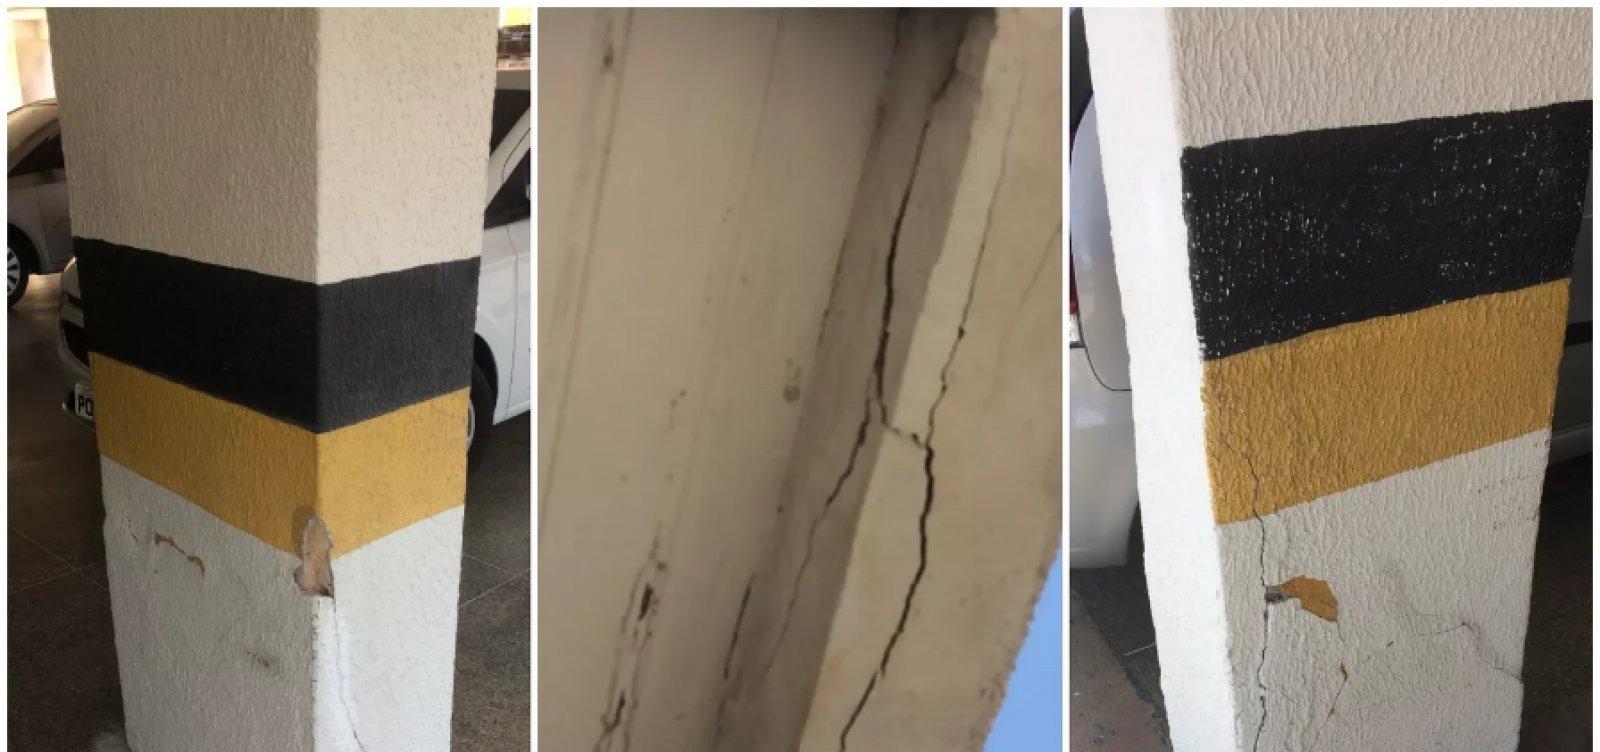 [Empresa detectou 135 'pontos críticos' em prédio um mês antes de desabamento]